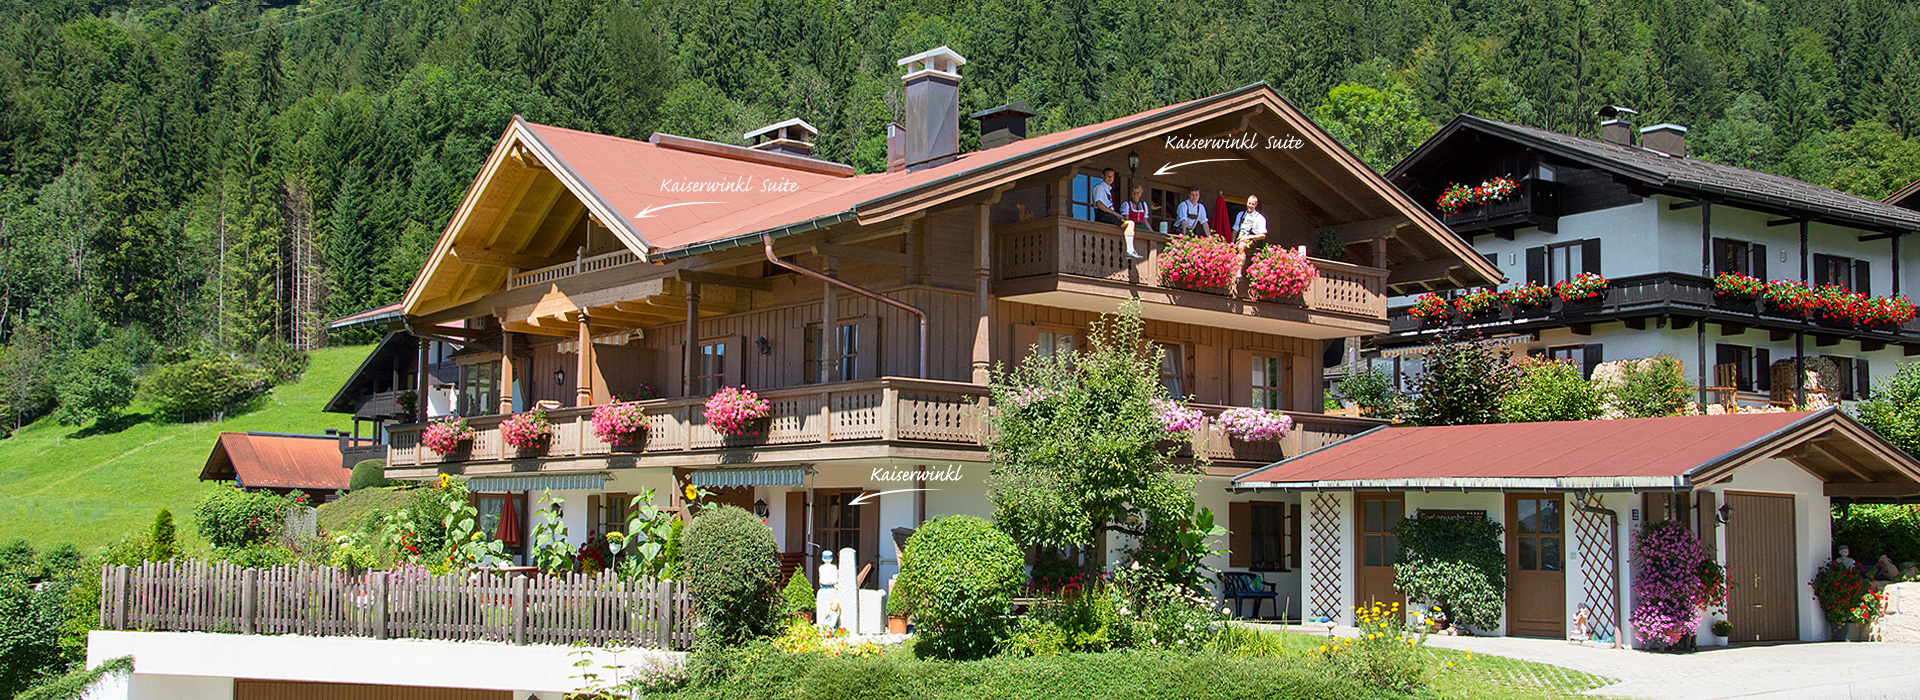 Ferienwohnung Reit im Winkl, Ferienhaus Neumaier Frontansicht